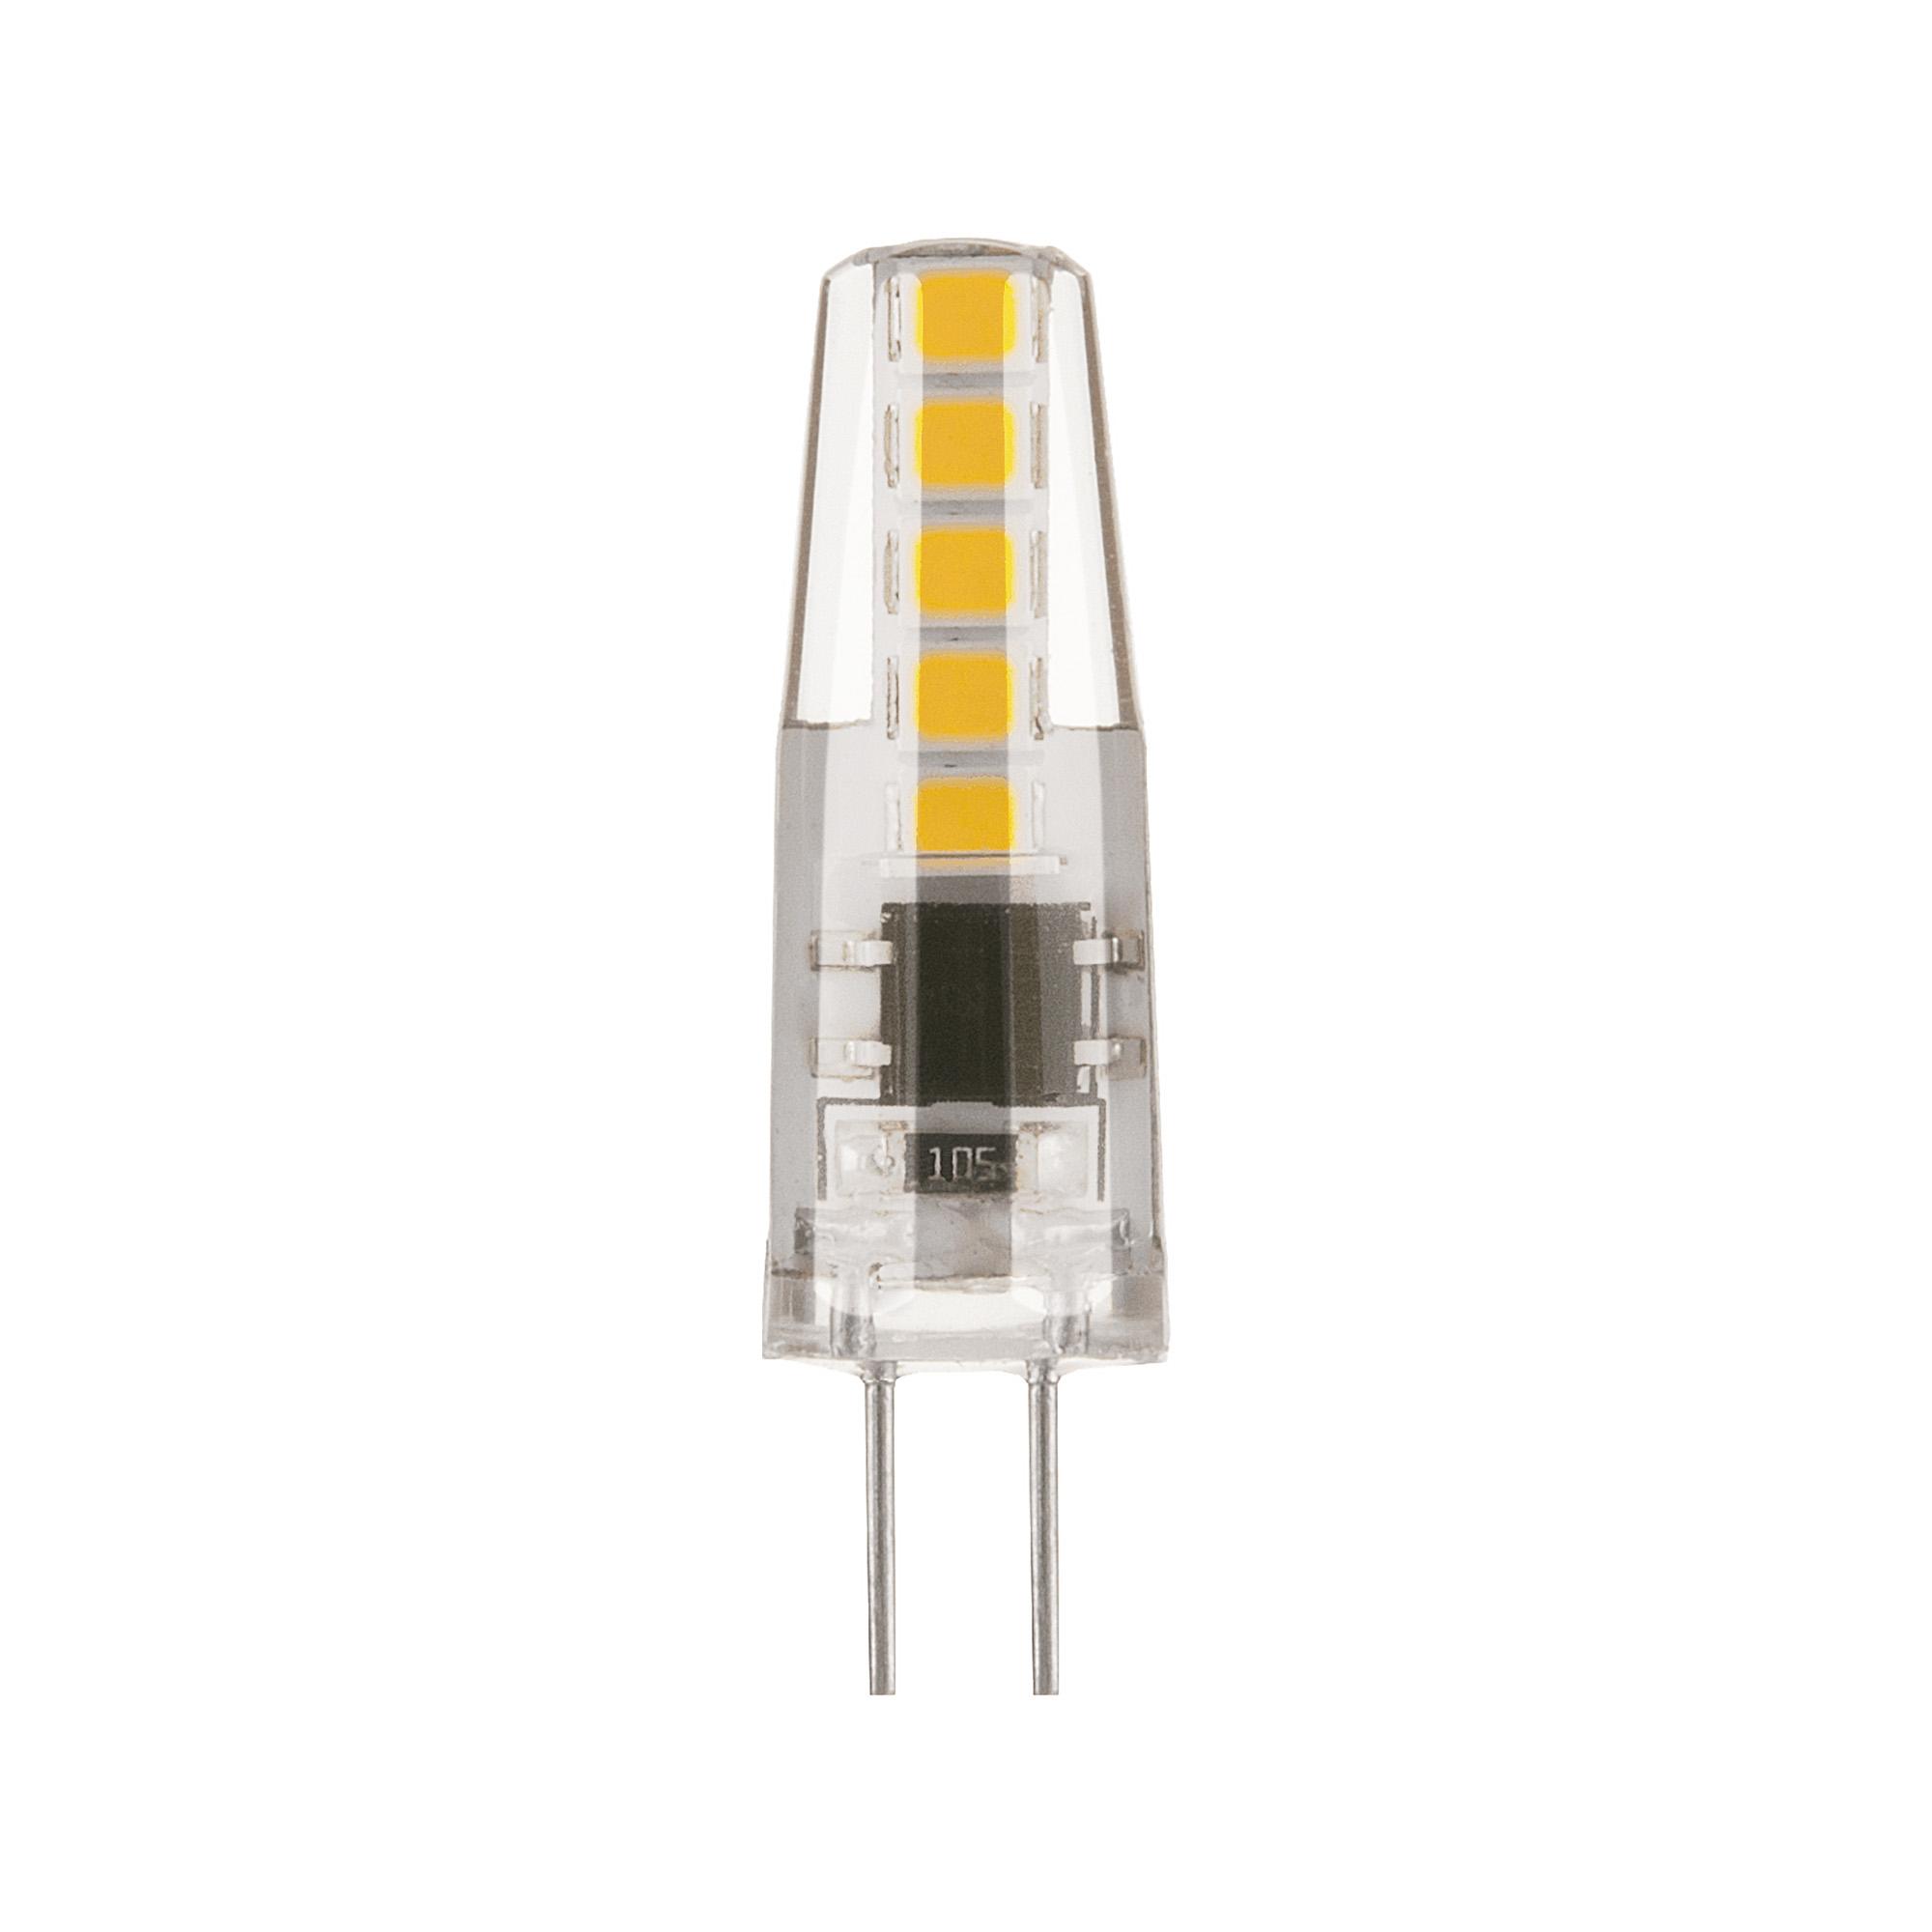 Лампы LED - G4 LED BL124 3W 220V 360 4200K